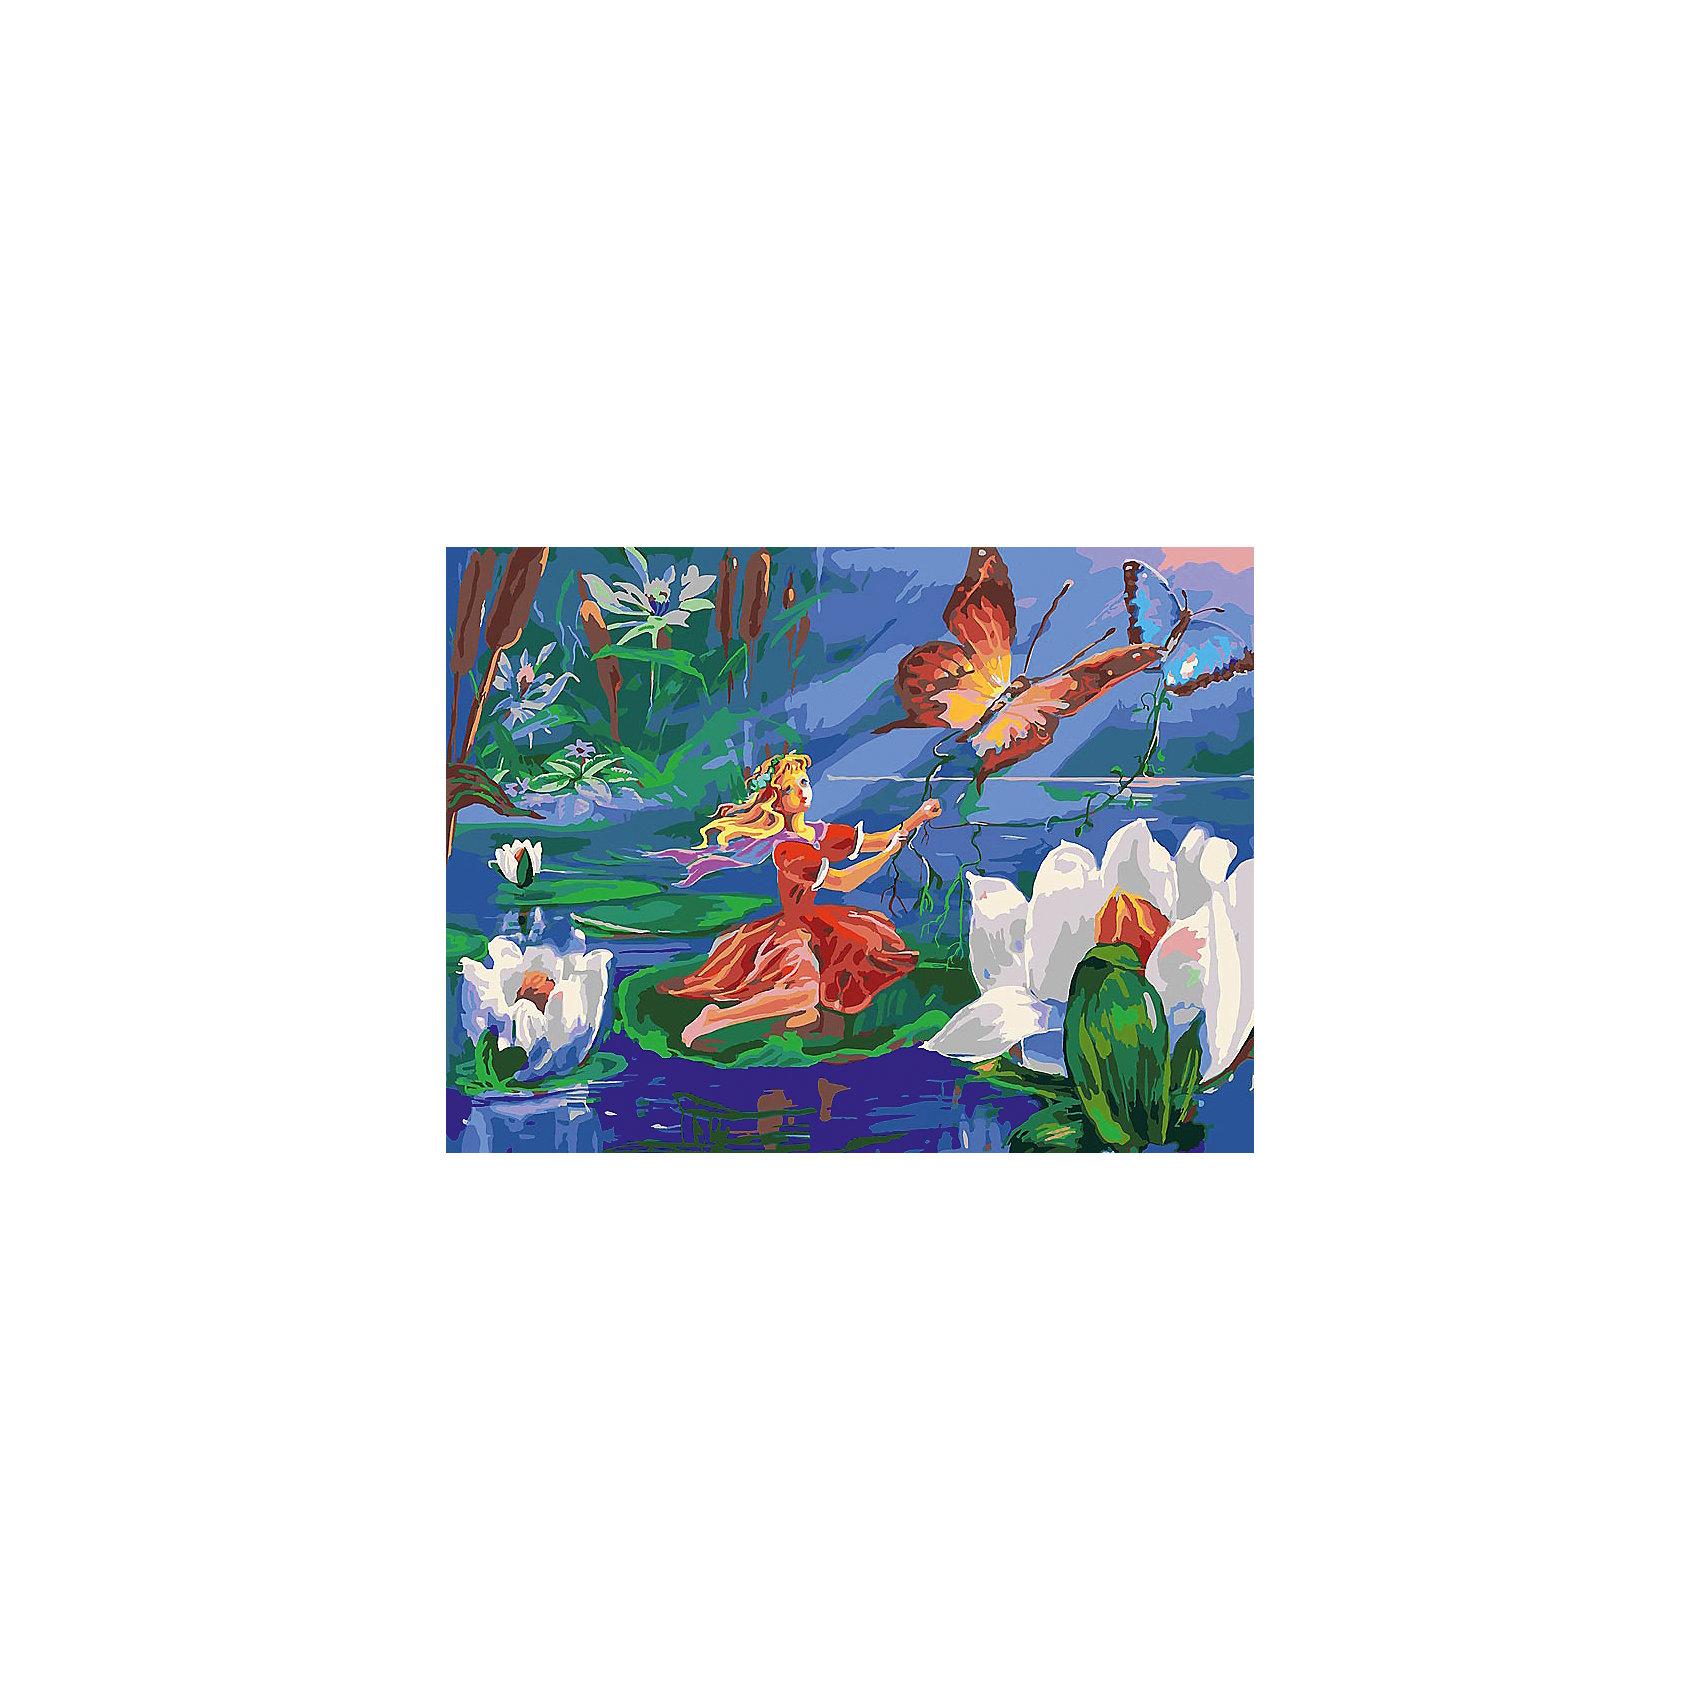 Живопись на холсте 30*40 см Маленькая путешественницаРисование<br>Характеристики товара:<br><br>• цвет: разноцветный<br>• материал: акрил, картон<br>• размер: 30 x 40 см<br>• комплектация: полотно на подрамнике с контурами рисунка, пробный лист с рисунком, набор акриловых красок, три кисти, крепление на стену для картины<br>• для детей от шести лет и взрослых<br>• не требует специальных навыков<br>• страна бренда: Китай<br>• страна изготовитель: Китай<br><br>Как с удовольствием и пользой провести время? Порисовать! Это занятие, которое любят многие дети и взрослые. Рисование помогает развить важные навыки и просто приносит удовольствие! Чтобы вселить в ребенка уверенность в своих силах, можно предложить ему этот набор - в нем уже есть сюжет, контуры рисунка и участки с номерами, которые обозначают определенную краску из набора. Все оттенки уже готовы, задача художника - аккуратно, с помощью кисточек из набора, нанести краски на определенный участок полотна.<br>Взрослым также понравится этот процесс, рисовать можно и вместе с малышом! В итоге получается красивая картина, которой можно украсить интерьер. Рисование способствует развитию мелкой моторики, воображения, цветовосприятия, творческих способностей и усидчивости. Набор отлично проработан, сделан из качественных и проверенных материалов, которые безопасны для детей. Краски - акриловые, они быстро сохнут и легко смываются с кожи.<br><br>Живопись на холсте 30*40 см Маленькая путешественница от торговой марки Белоснежка можно купить в нашем интернет-магазине.<br><br>Ширина мм: 410<br>Глубина мм: 310<br>Высота мм: 25<br>Вес г: 567<br>Возраст от месяцев: 72<br>Возраст до месяцев: 144<br>Пол: Унисекс<br>Возраст: Детский<br>SKU: 5089652